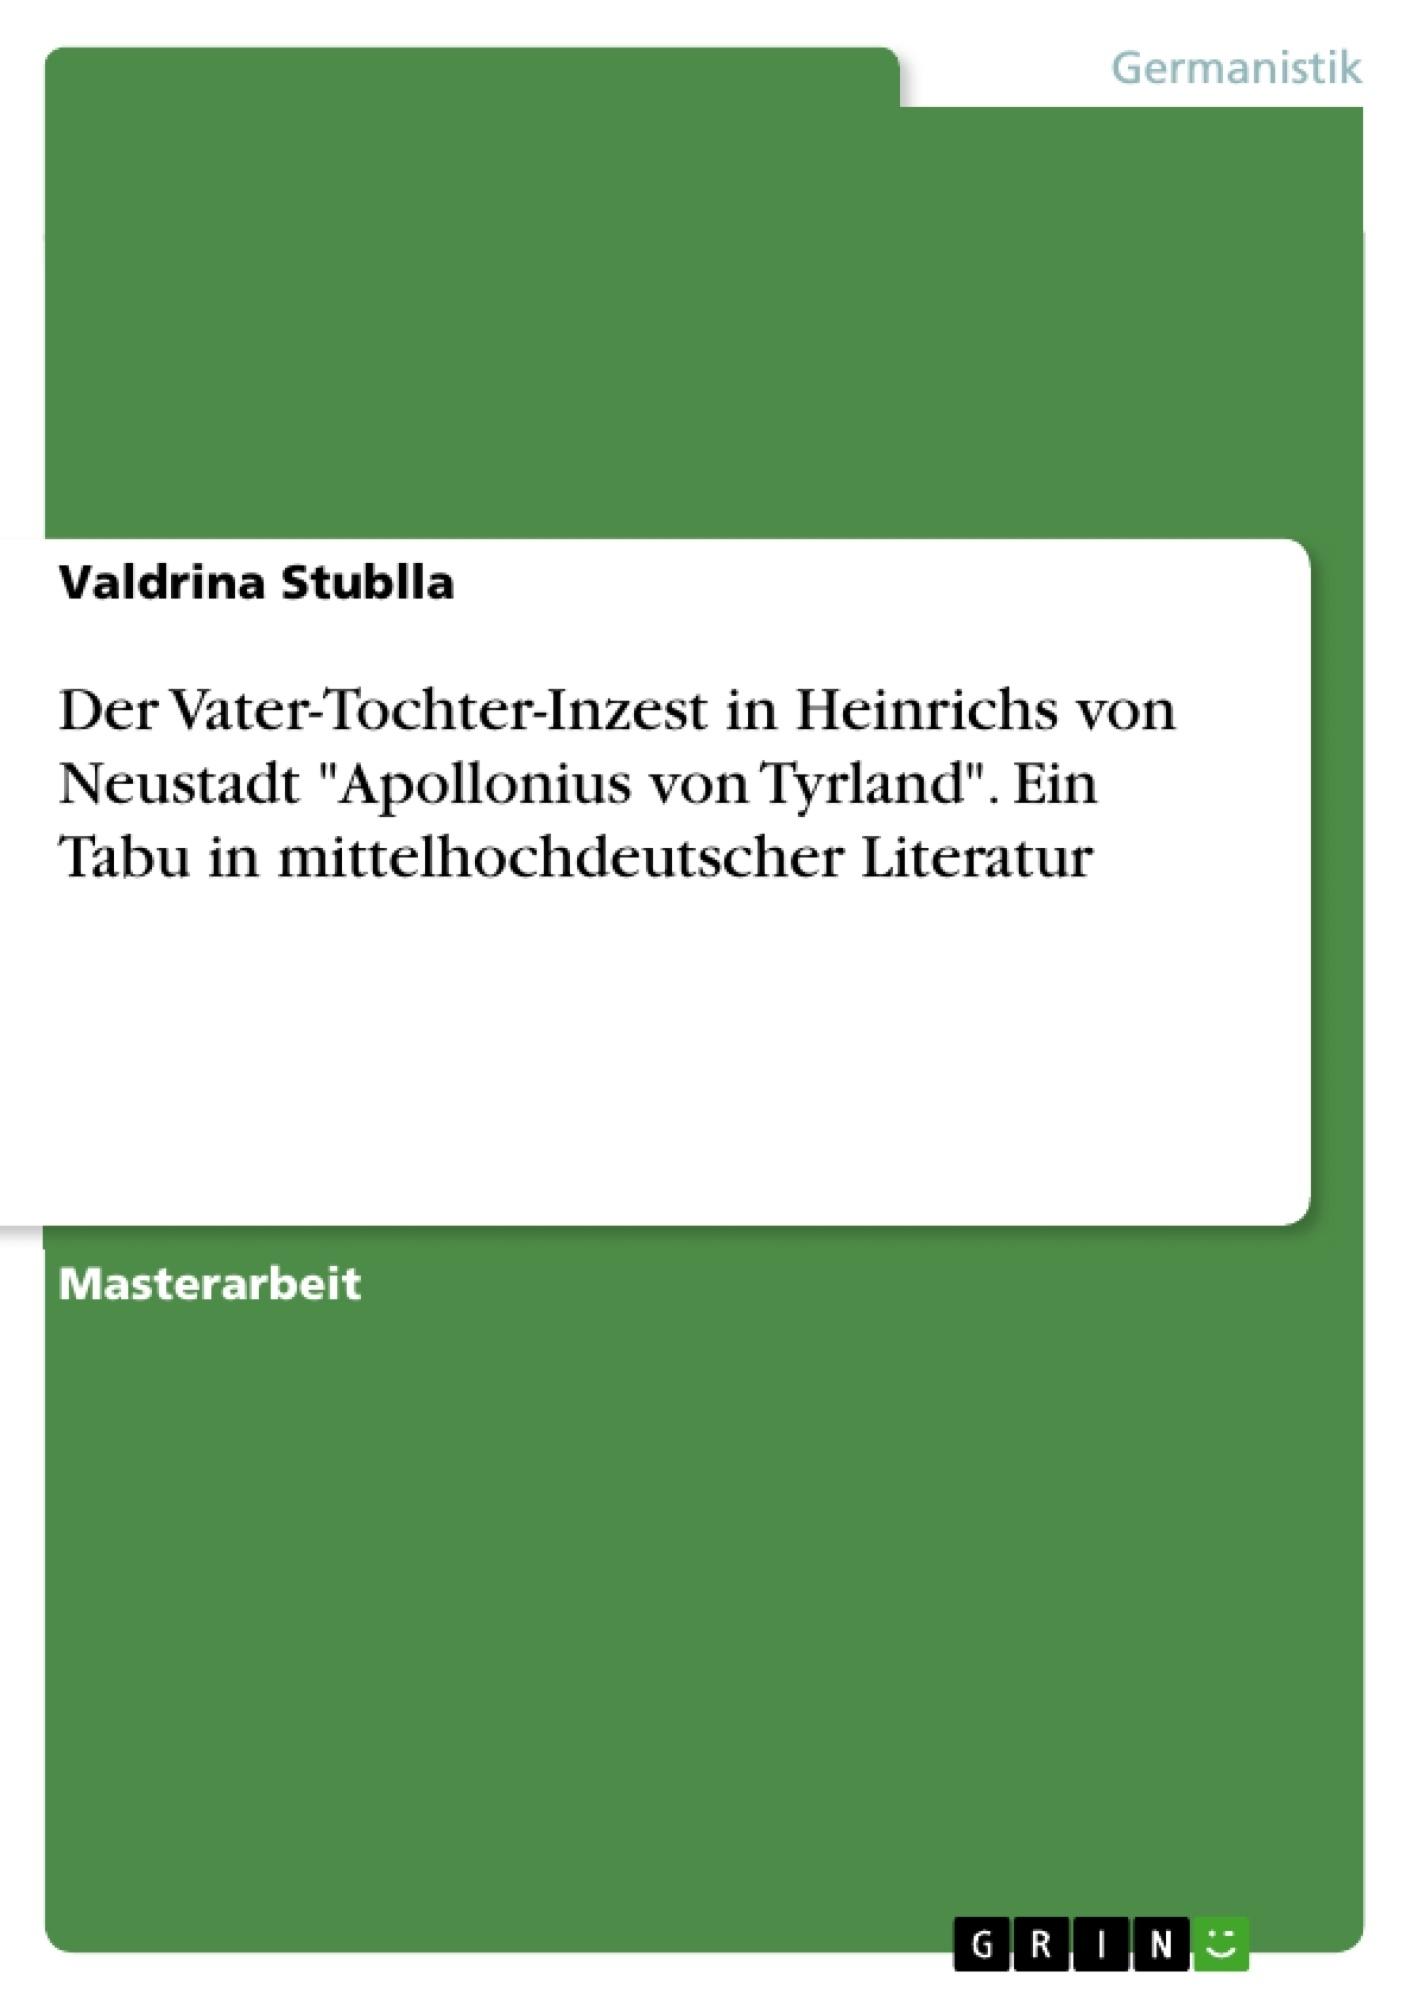 """Titel: Der Vater-Tochter-Inzest in Heinrichs von Neustadt """"Apollonius von Tyrland"""". Ein Tabu in mittelhochdeutscher Literatur"""